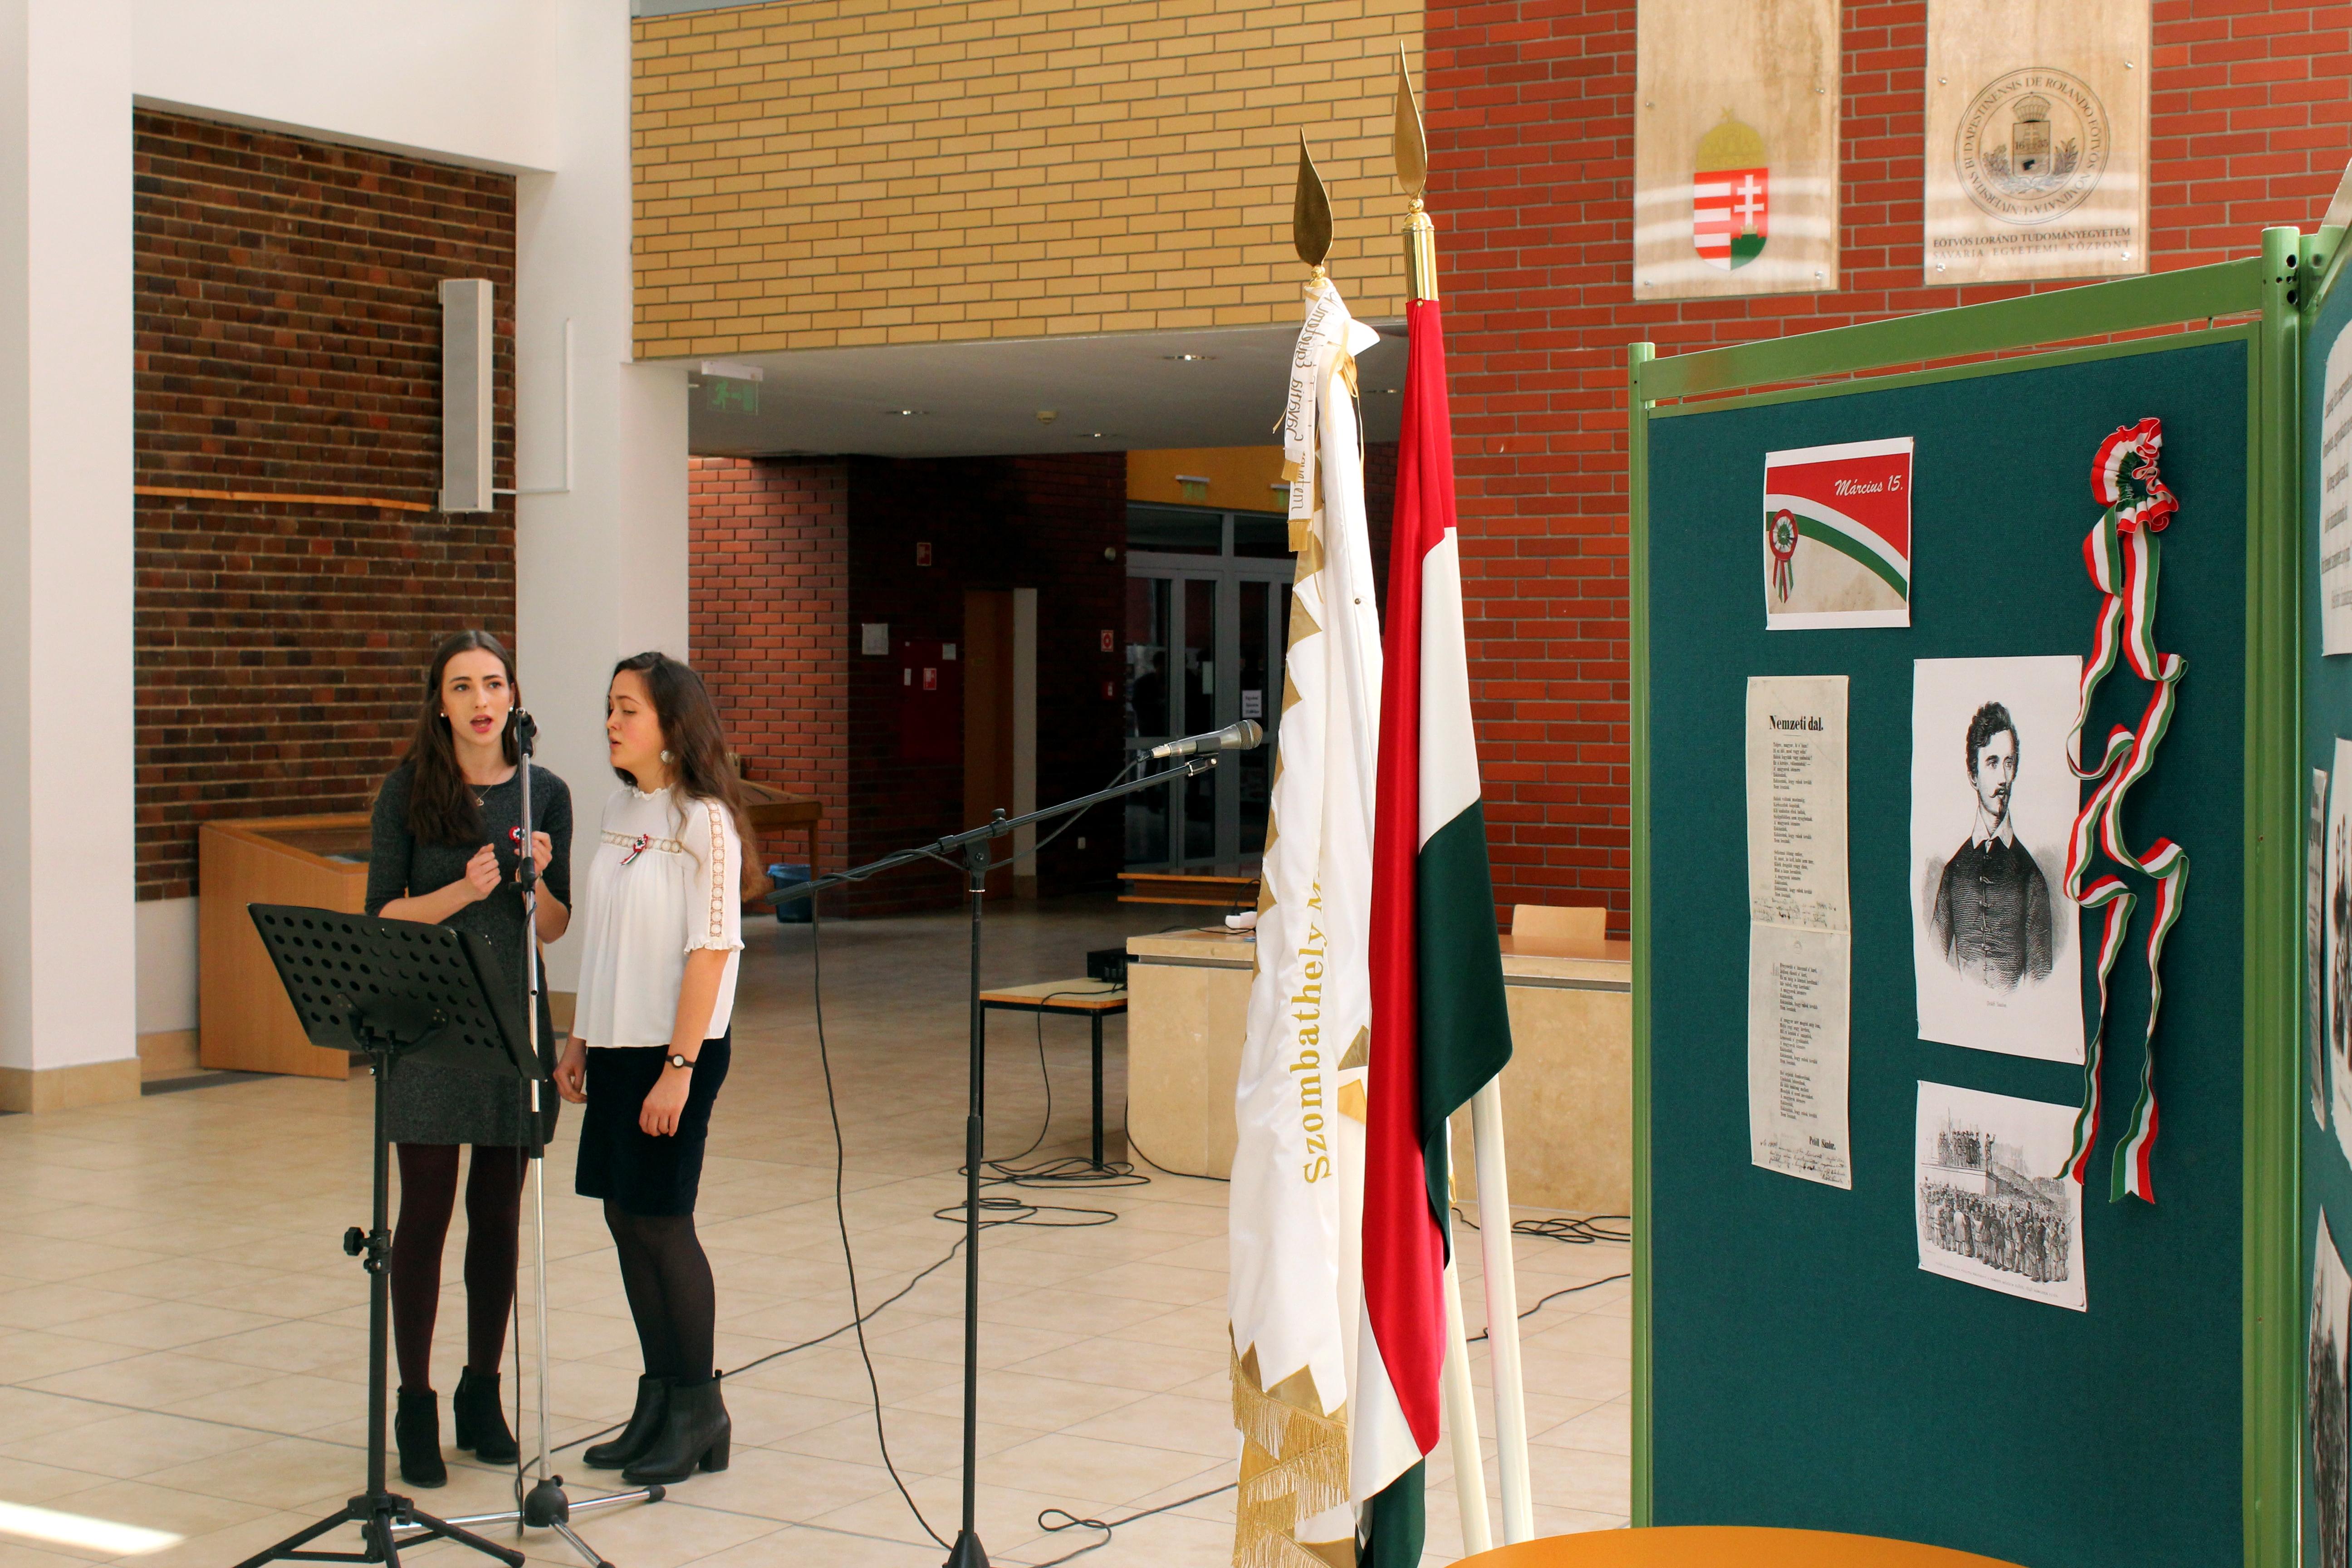 Március 15-i ünnepség a Savaria Egyetemi Központban (4)